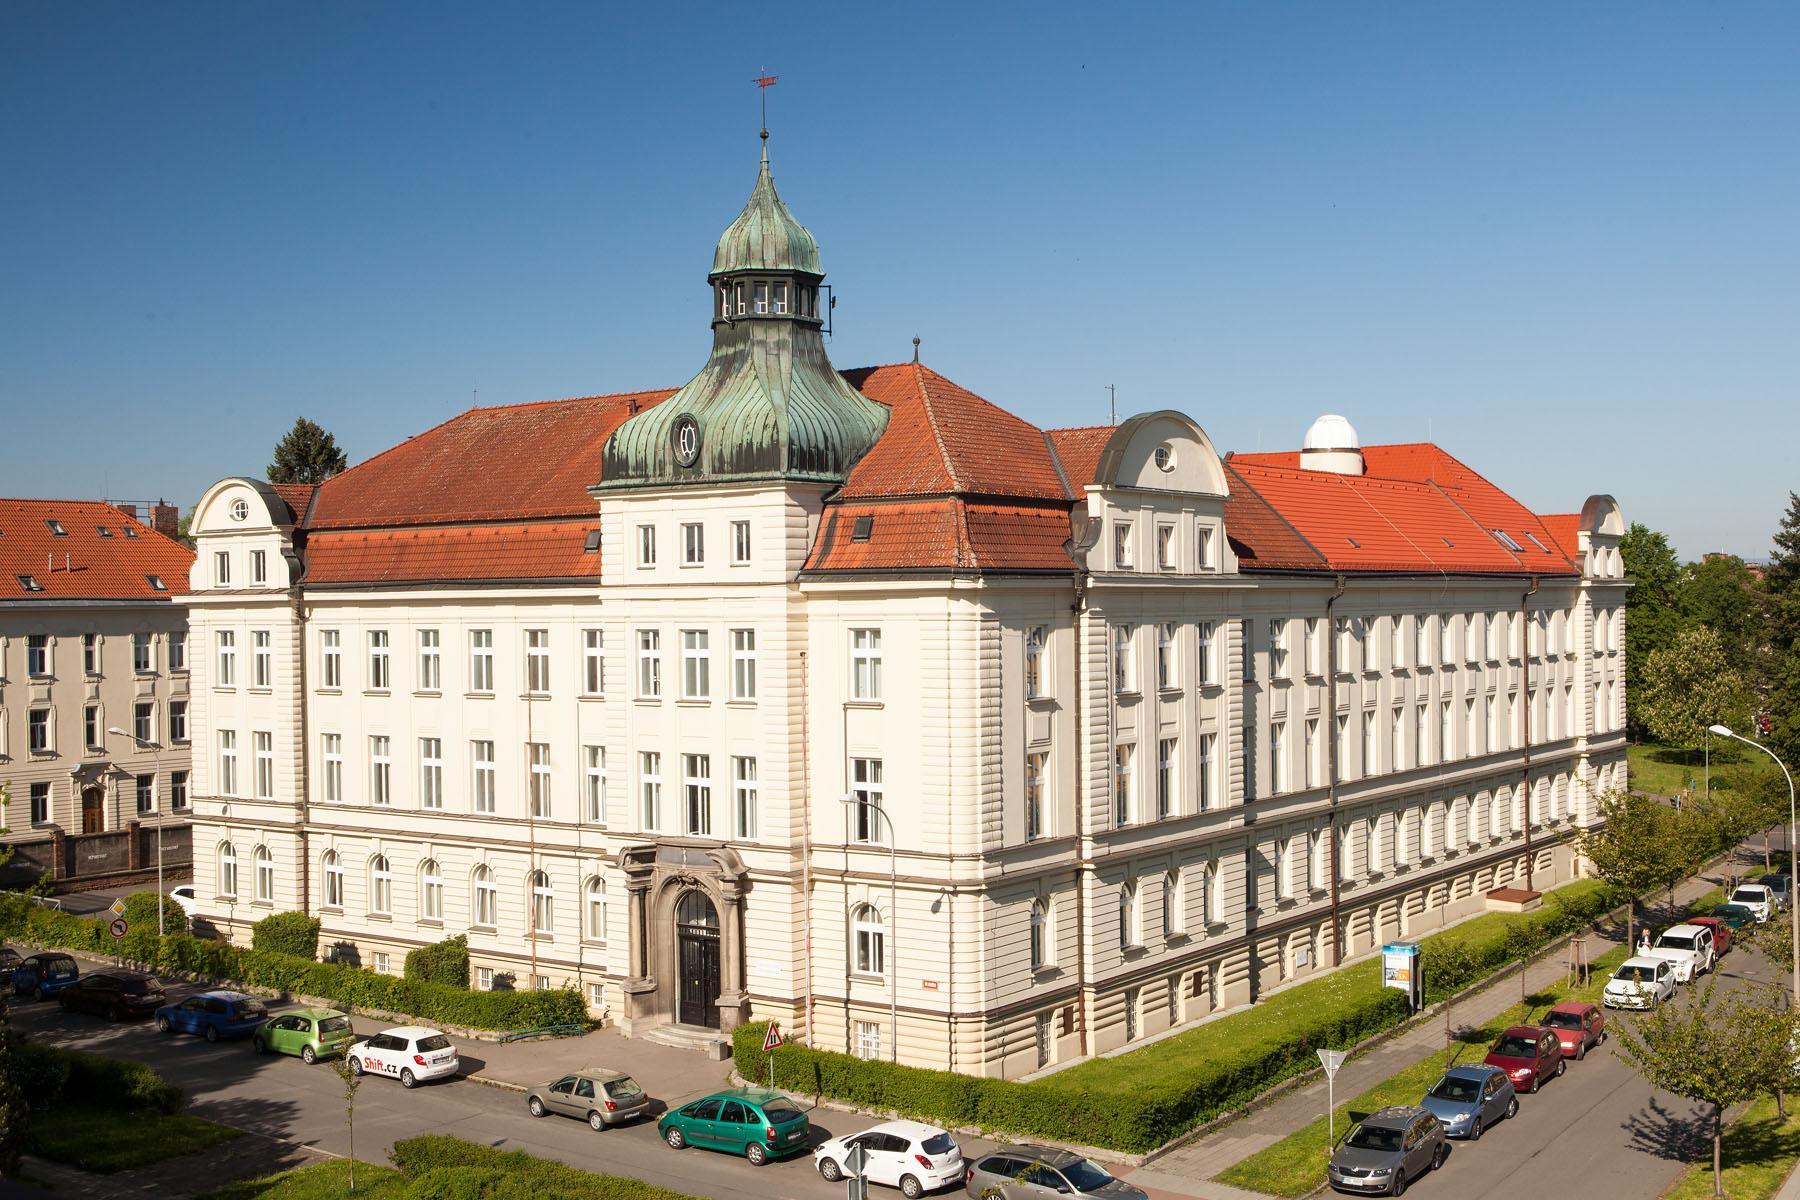 Budova Bezručova nám. 13 s observatoří